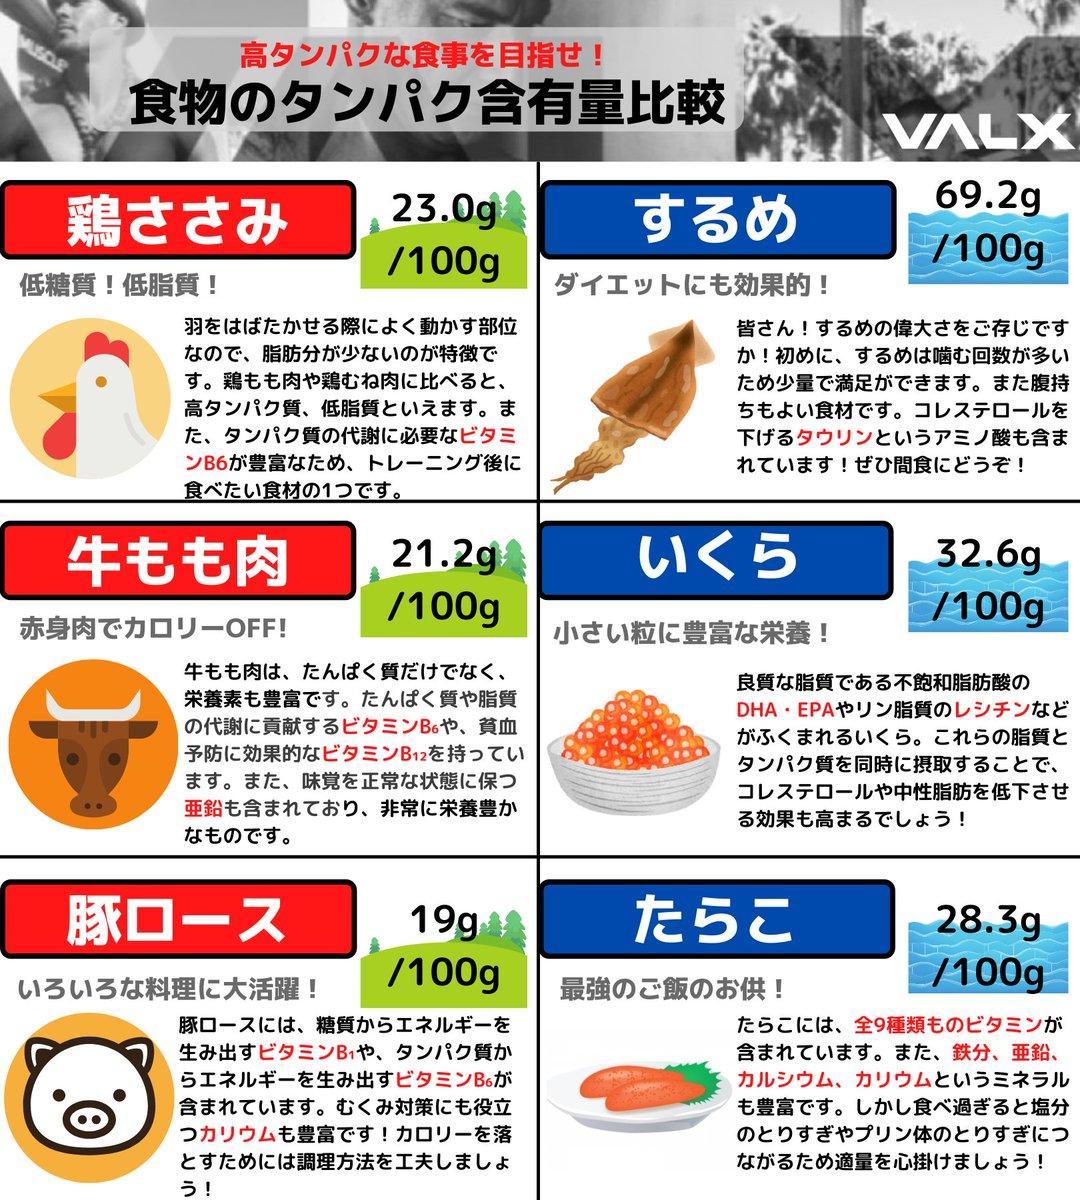 知っておくと筋トレも捗る?食材の中に含まれるタンパク質含有量まとめ!